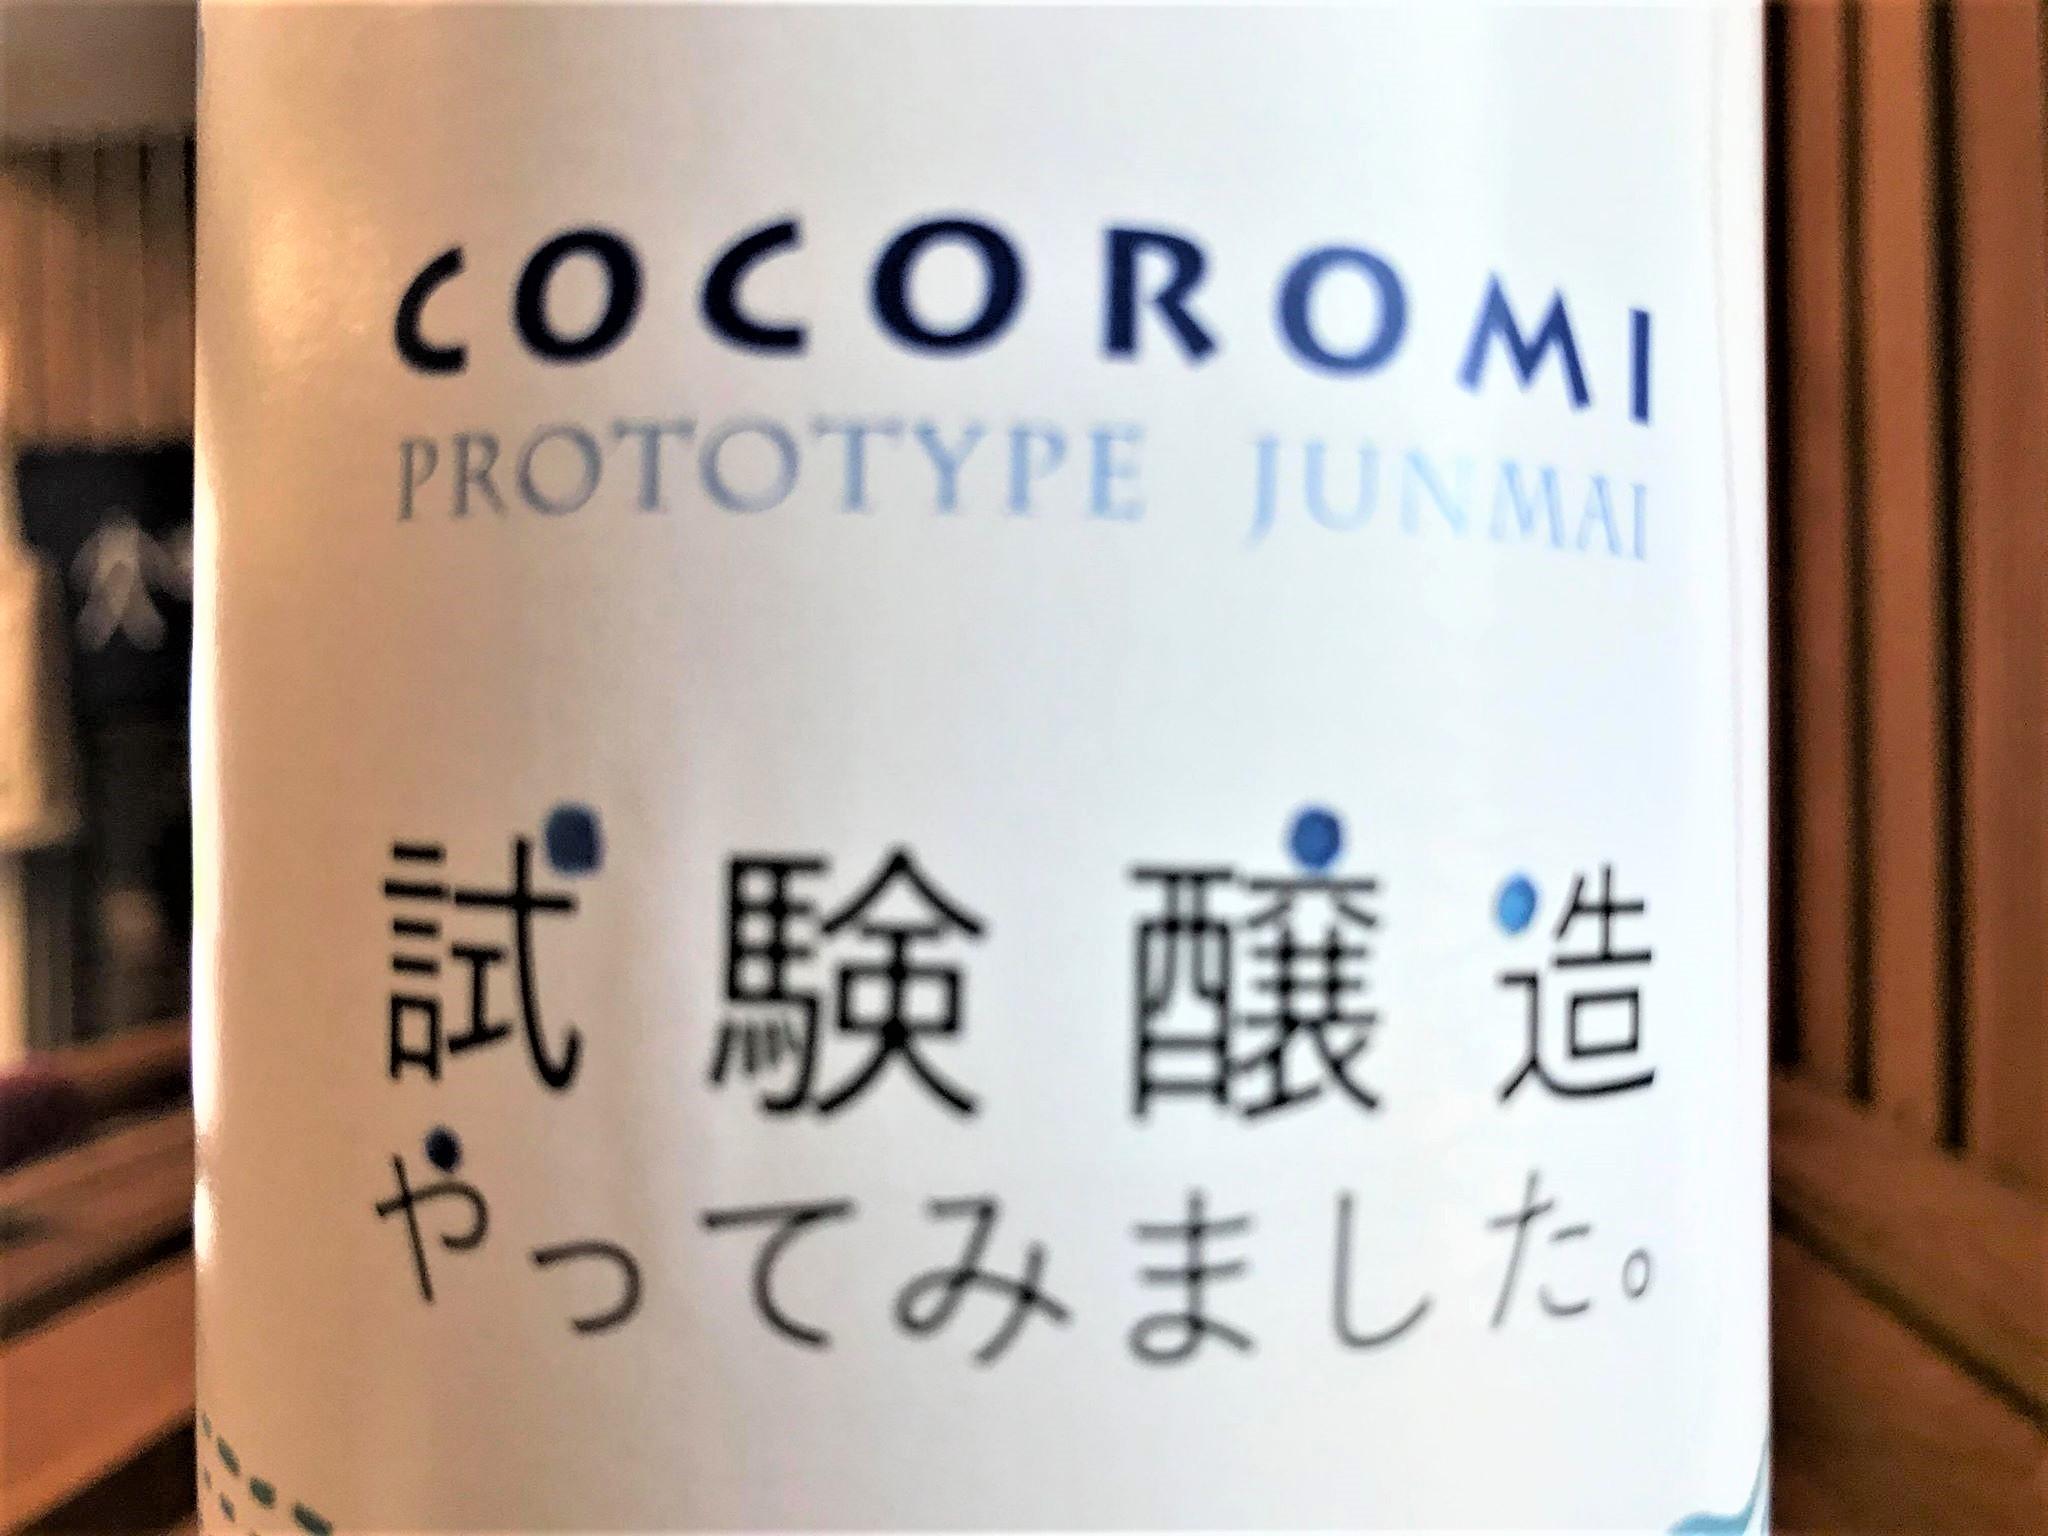 【日本酒】福司 番外編 COCOROMI㊙ココロミ プロトタイプ純米酒 きたしずく仕込み 限定 30BY🆕_e0173738_11283540.jpg